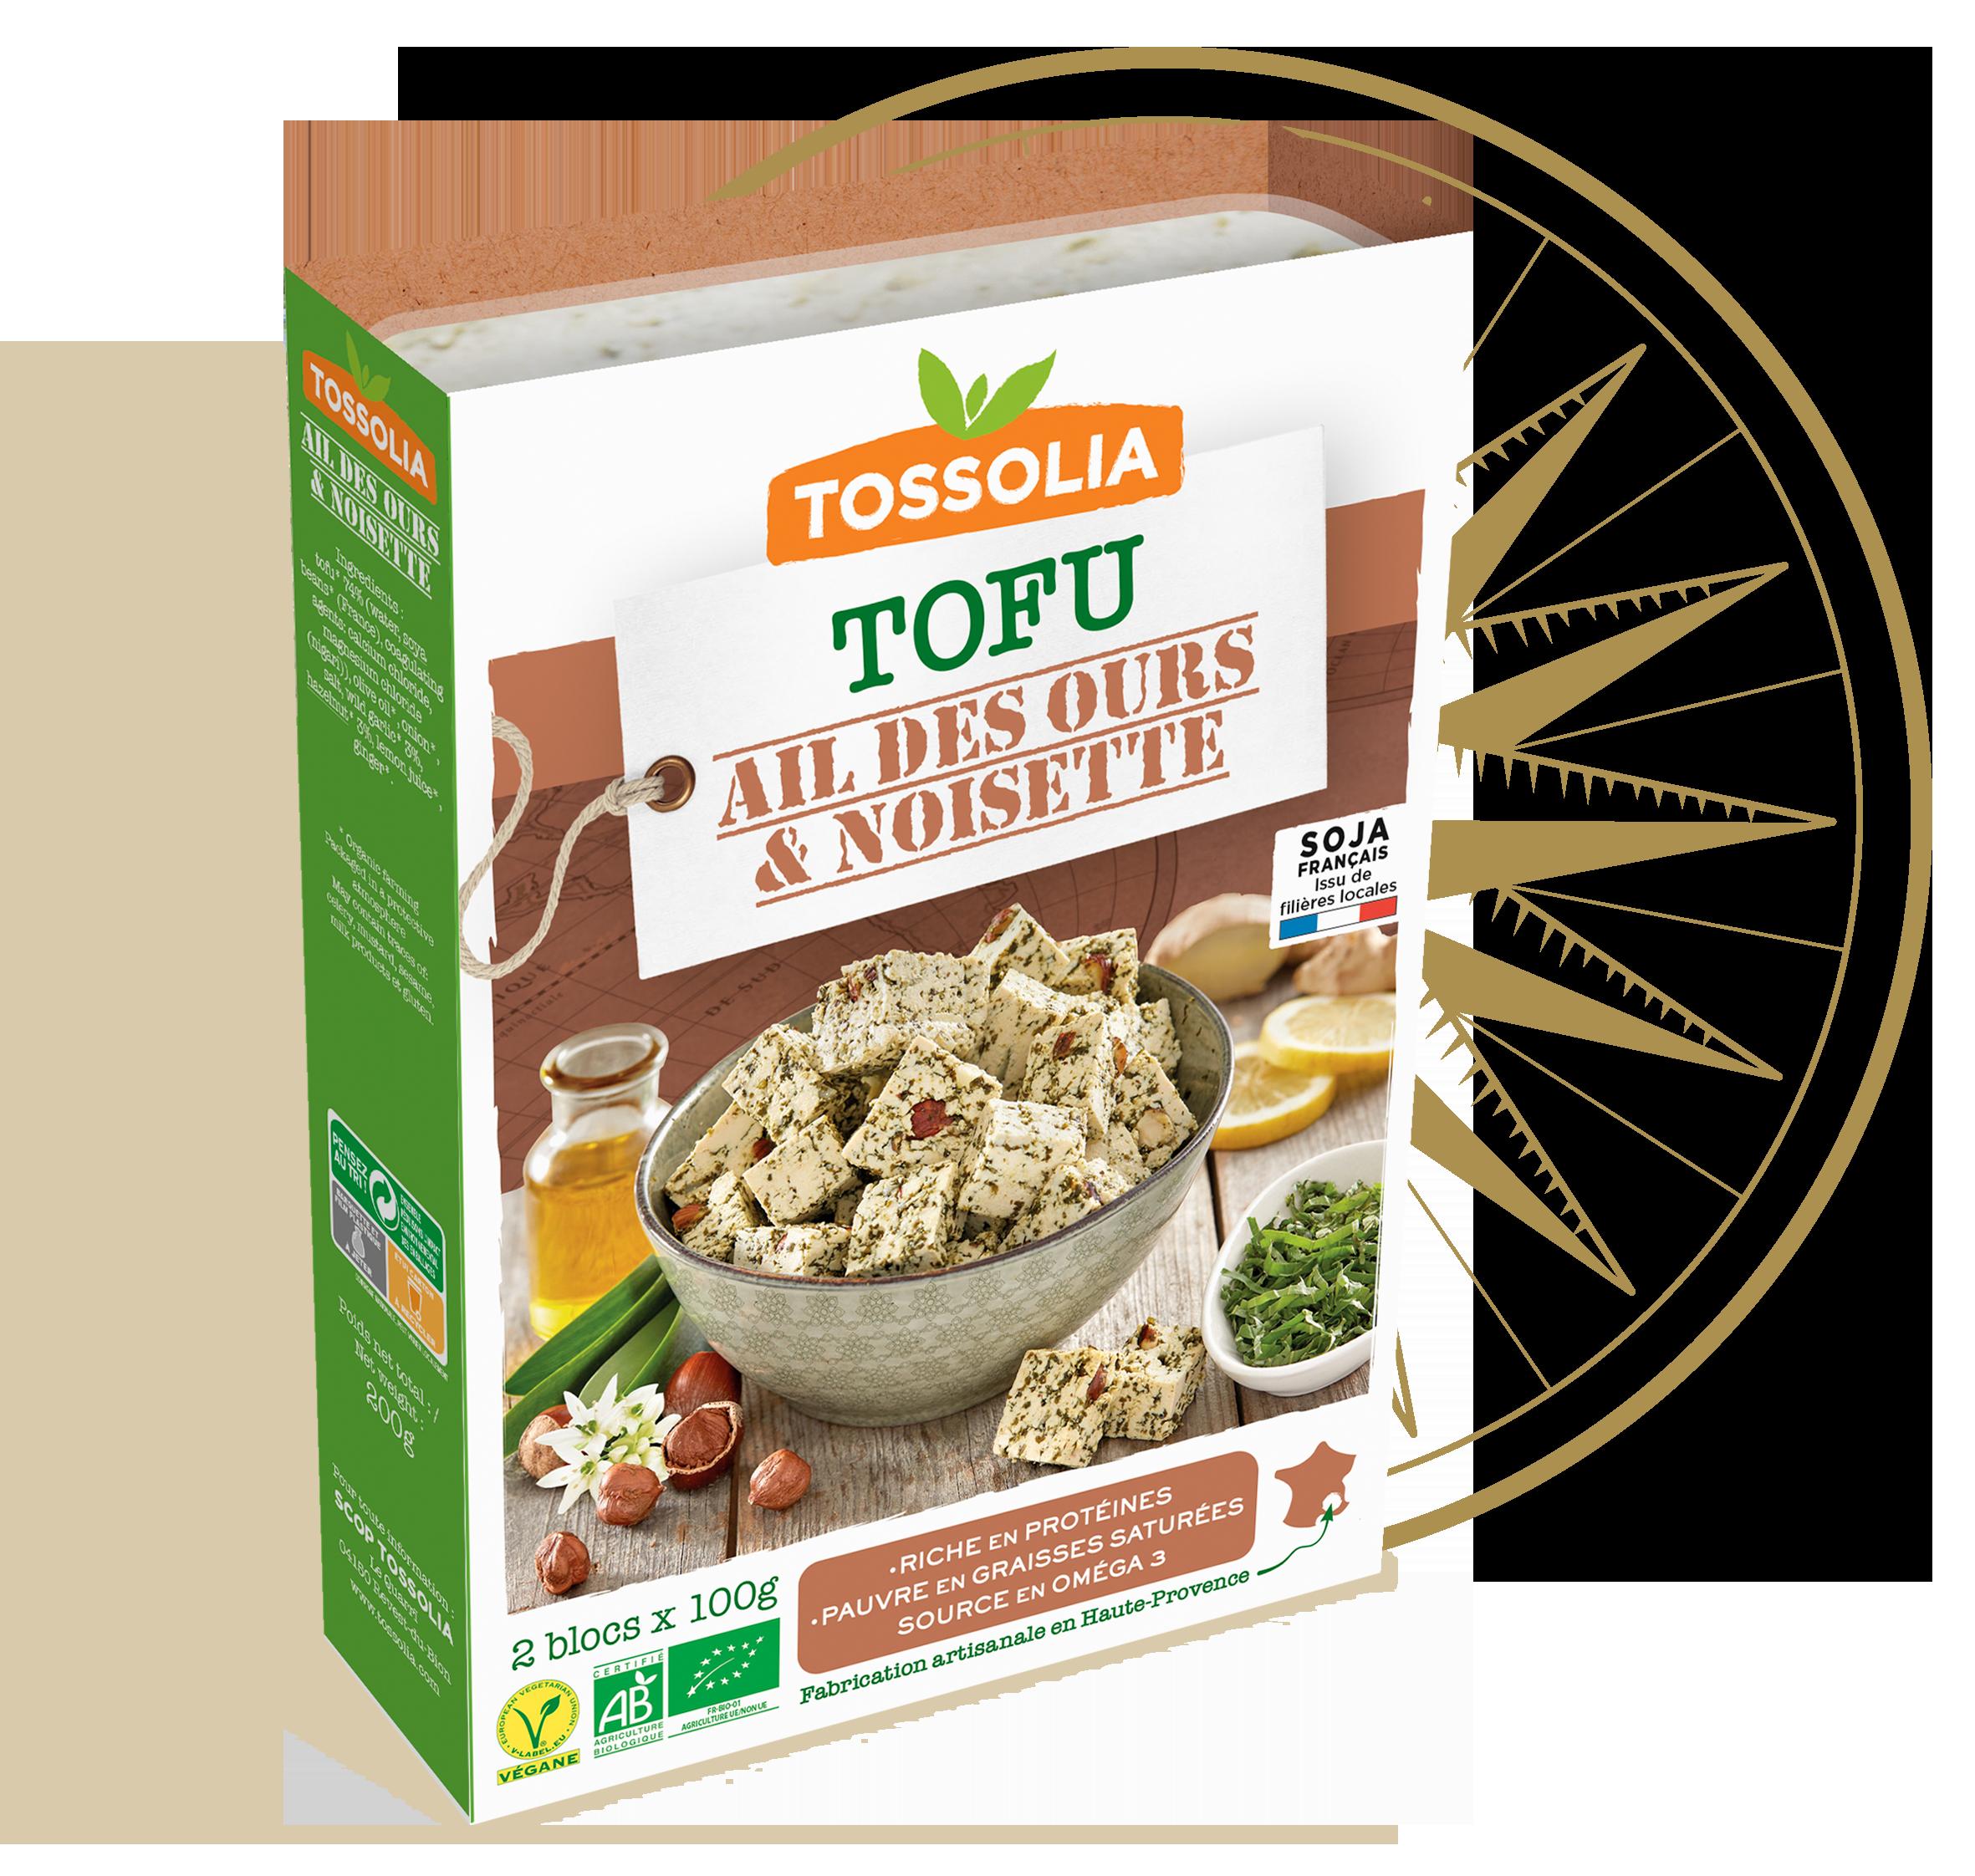 Tofu Ail des Ours & Noisette